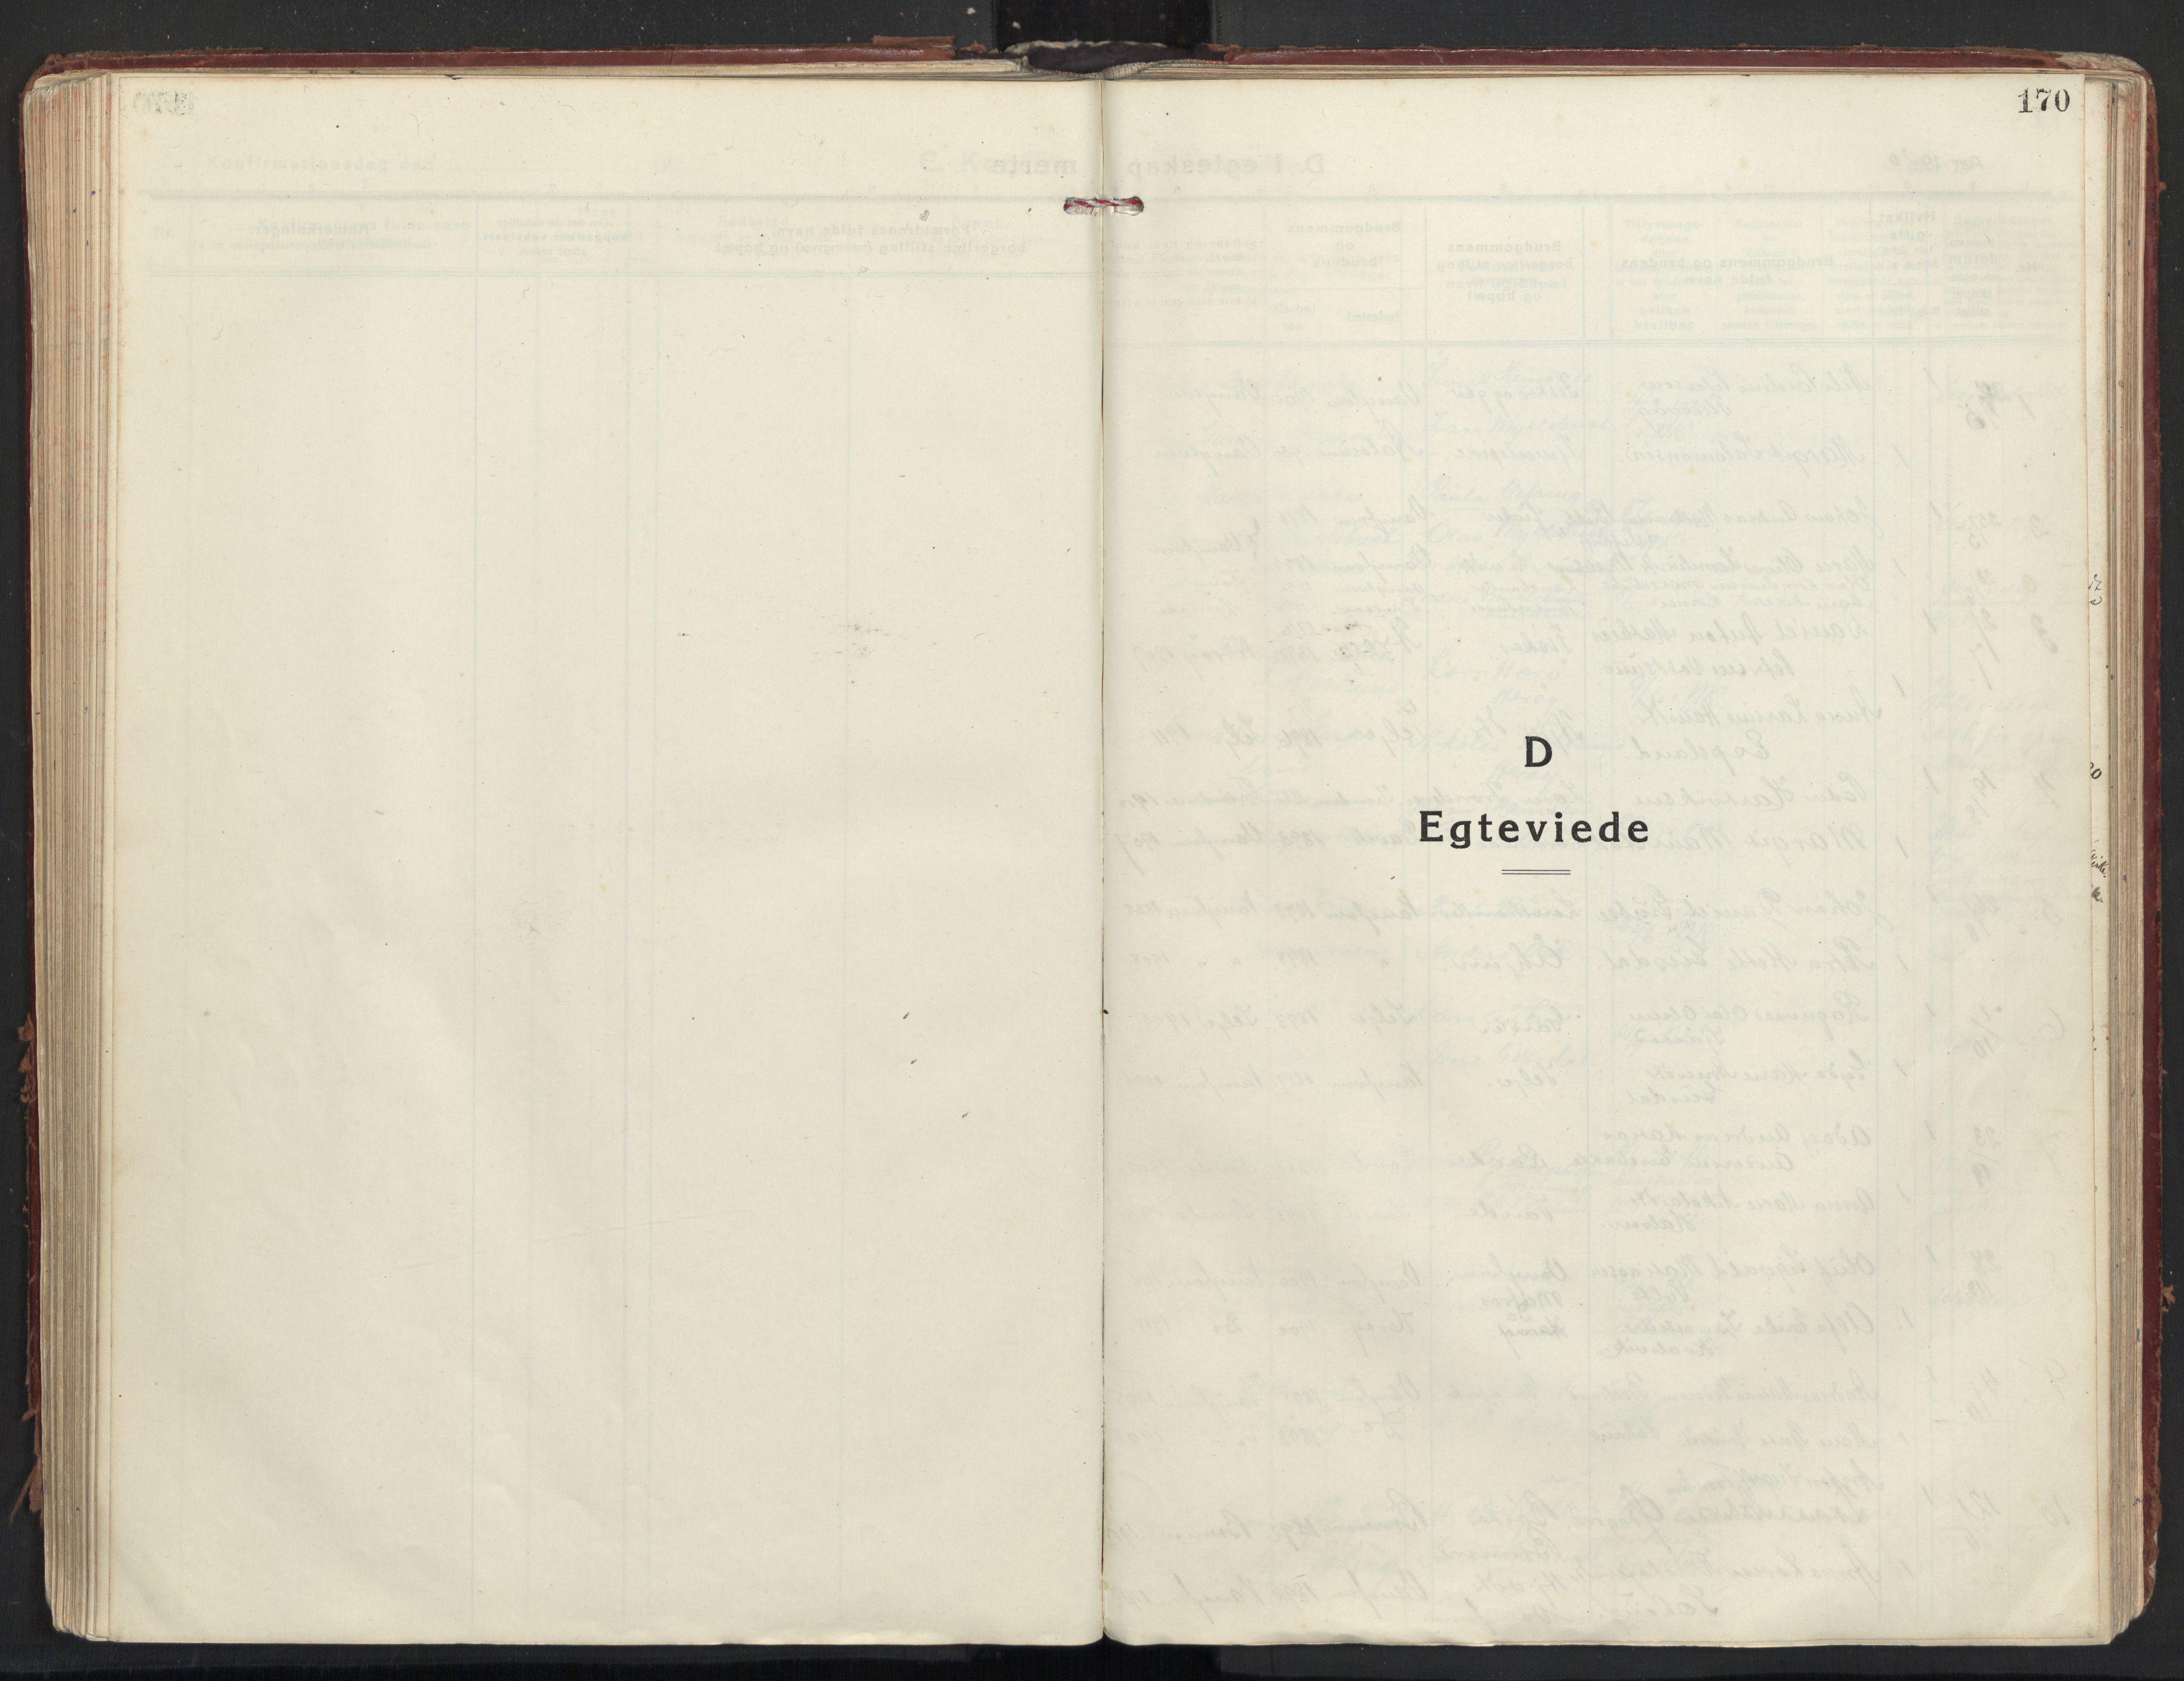 SAT, Ministerialprotokoller, klokkerbøker og fødselsregistre - Møre og Romsdal, 501/L0012: Ministerialbok nr. 501A12, 1920-1946, s. 170